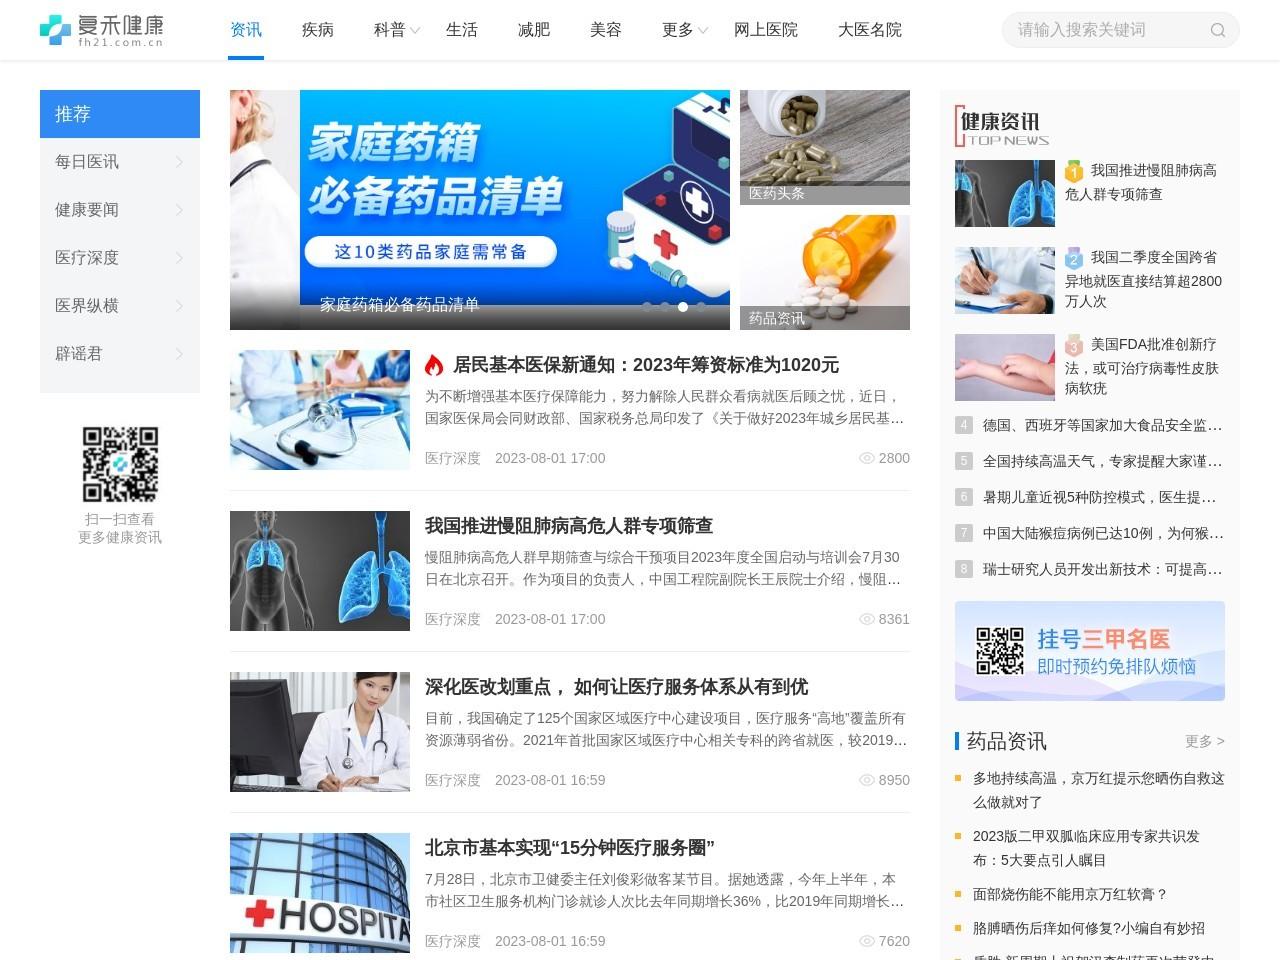 飞华健康网健康资讯